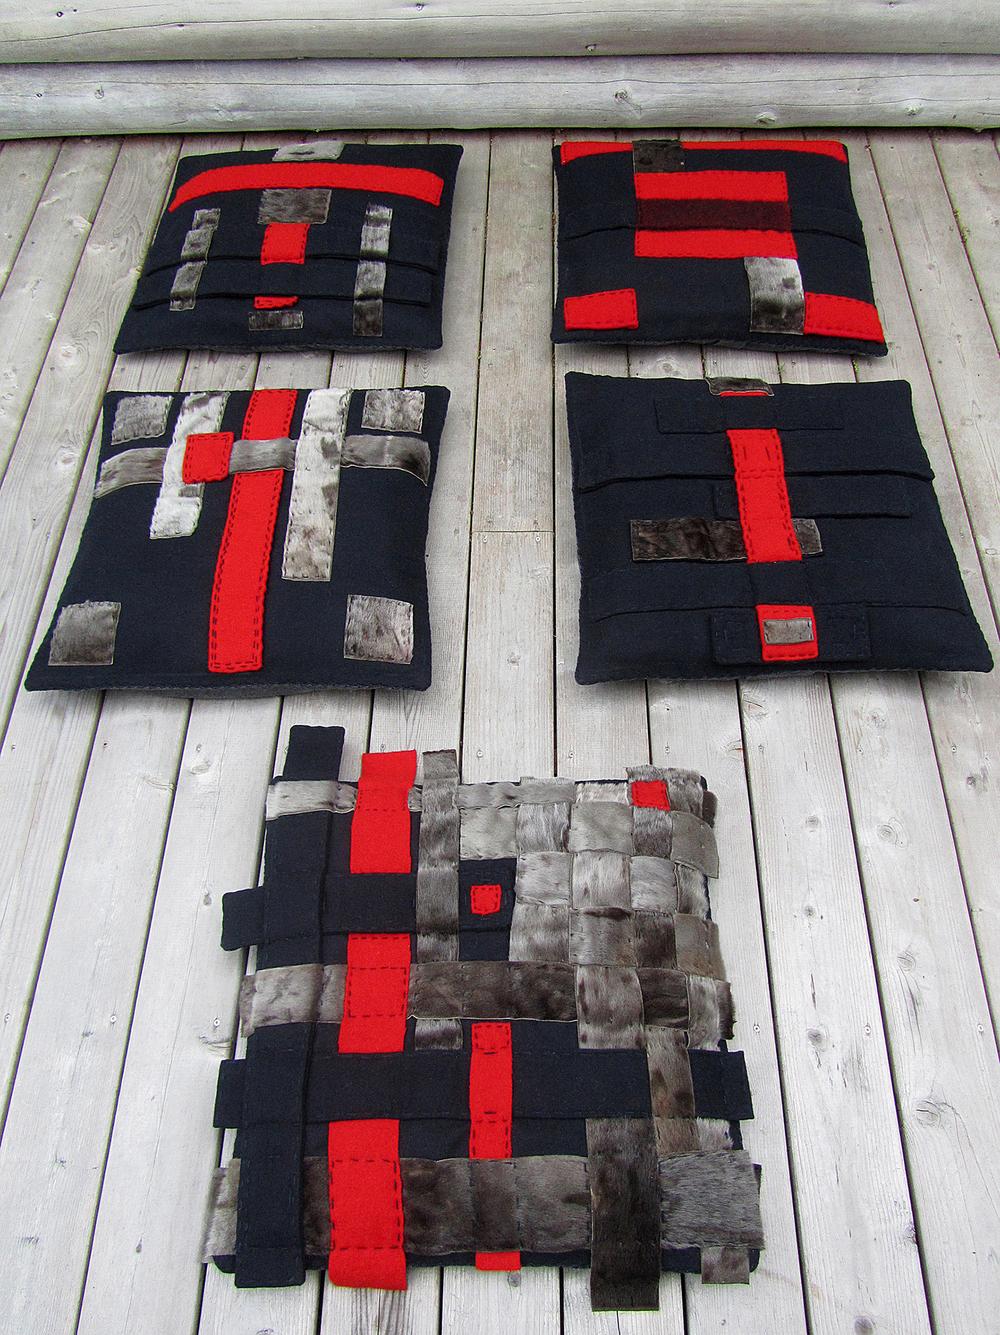 Coussins (de gauche à droite /de haut en bas) 1 + 2 + 3 + 4 + 5